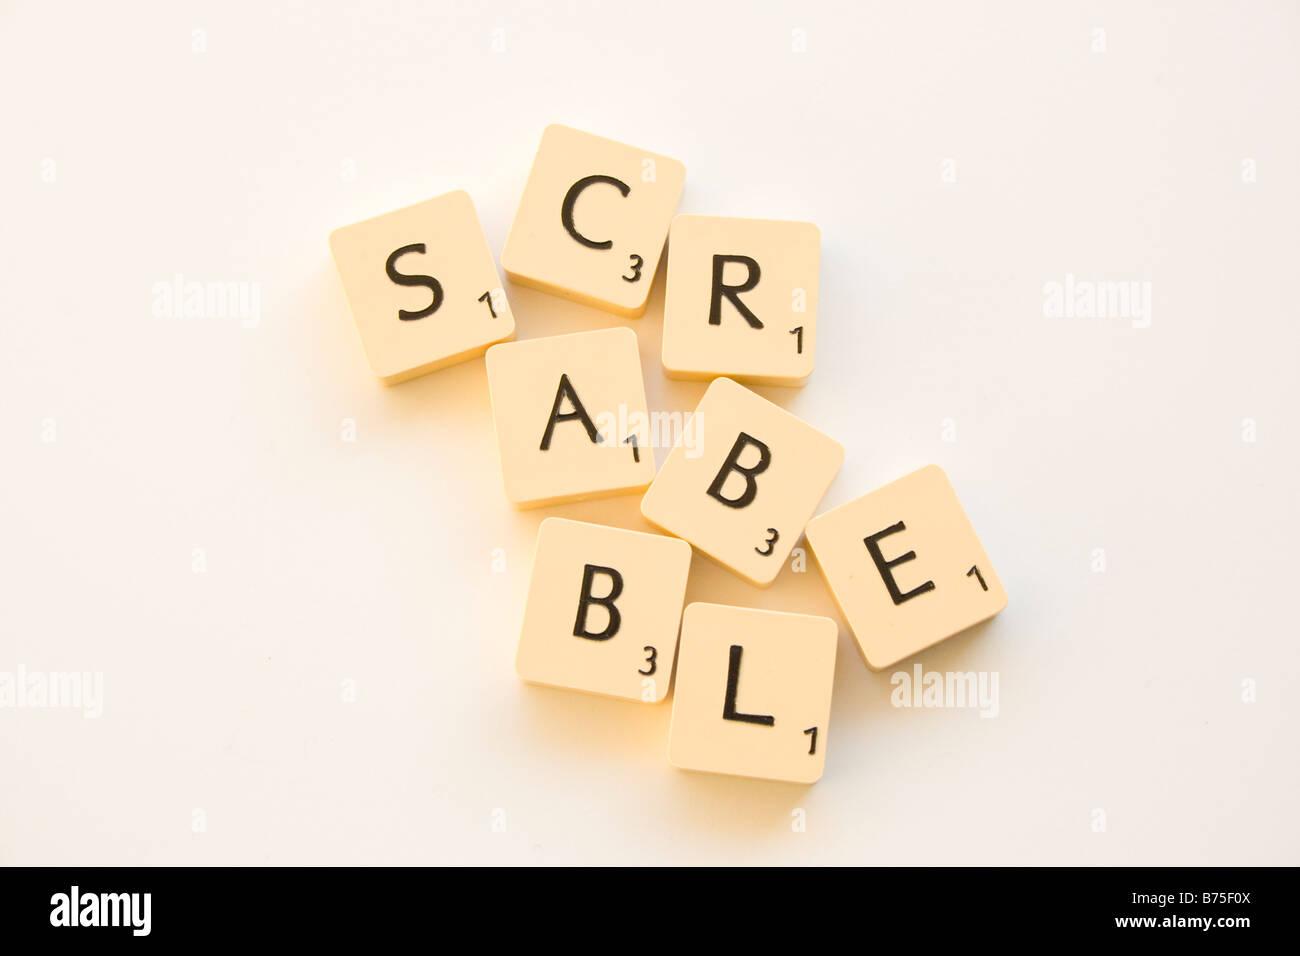 Scrabble Letter Tiles - Stock Image